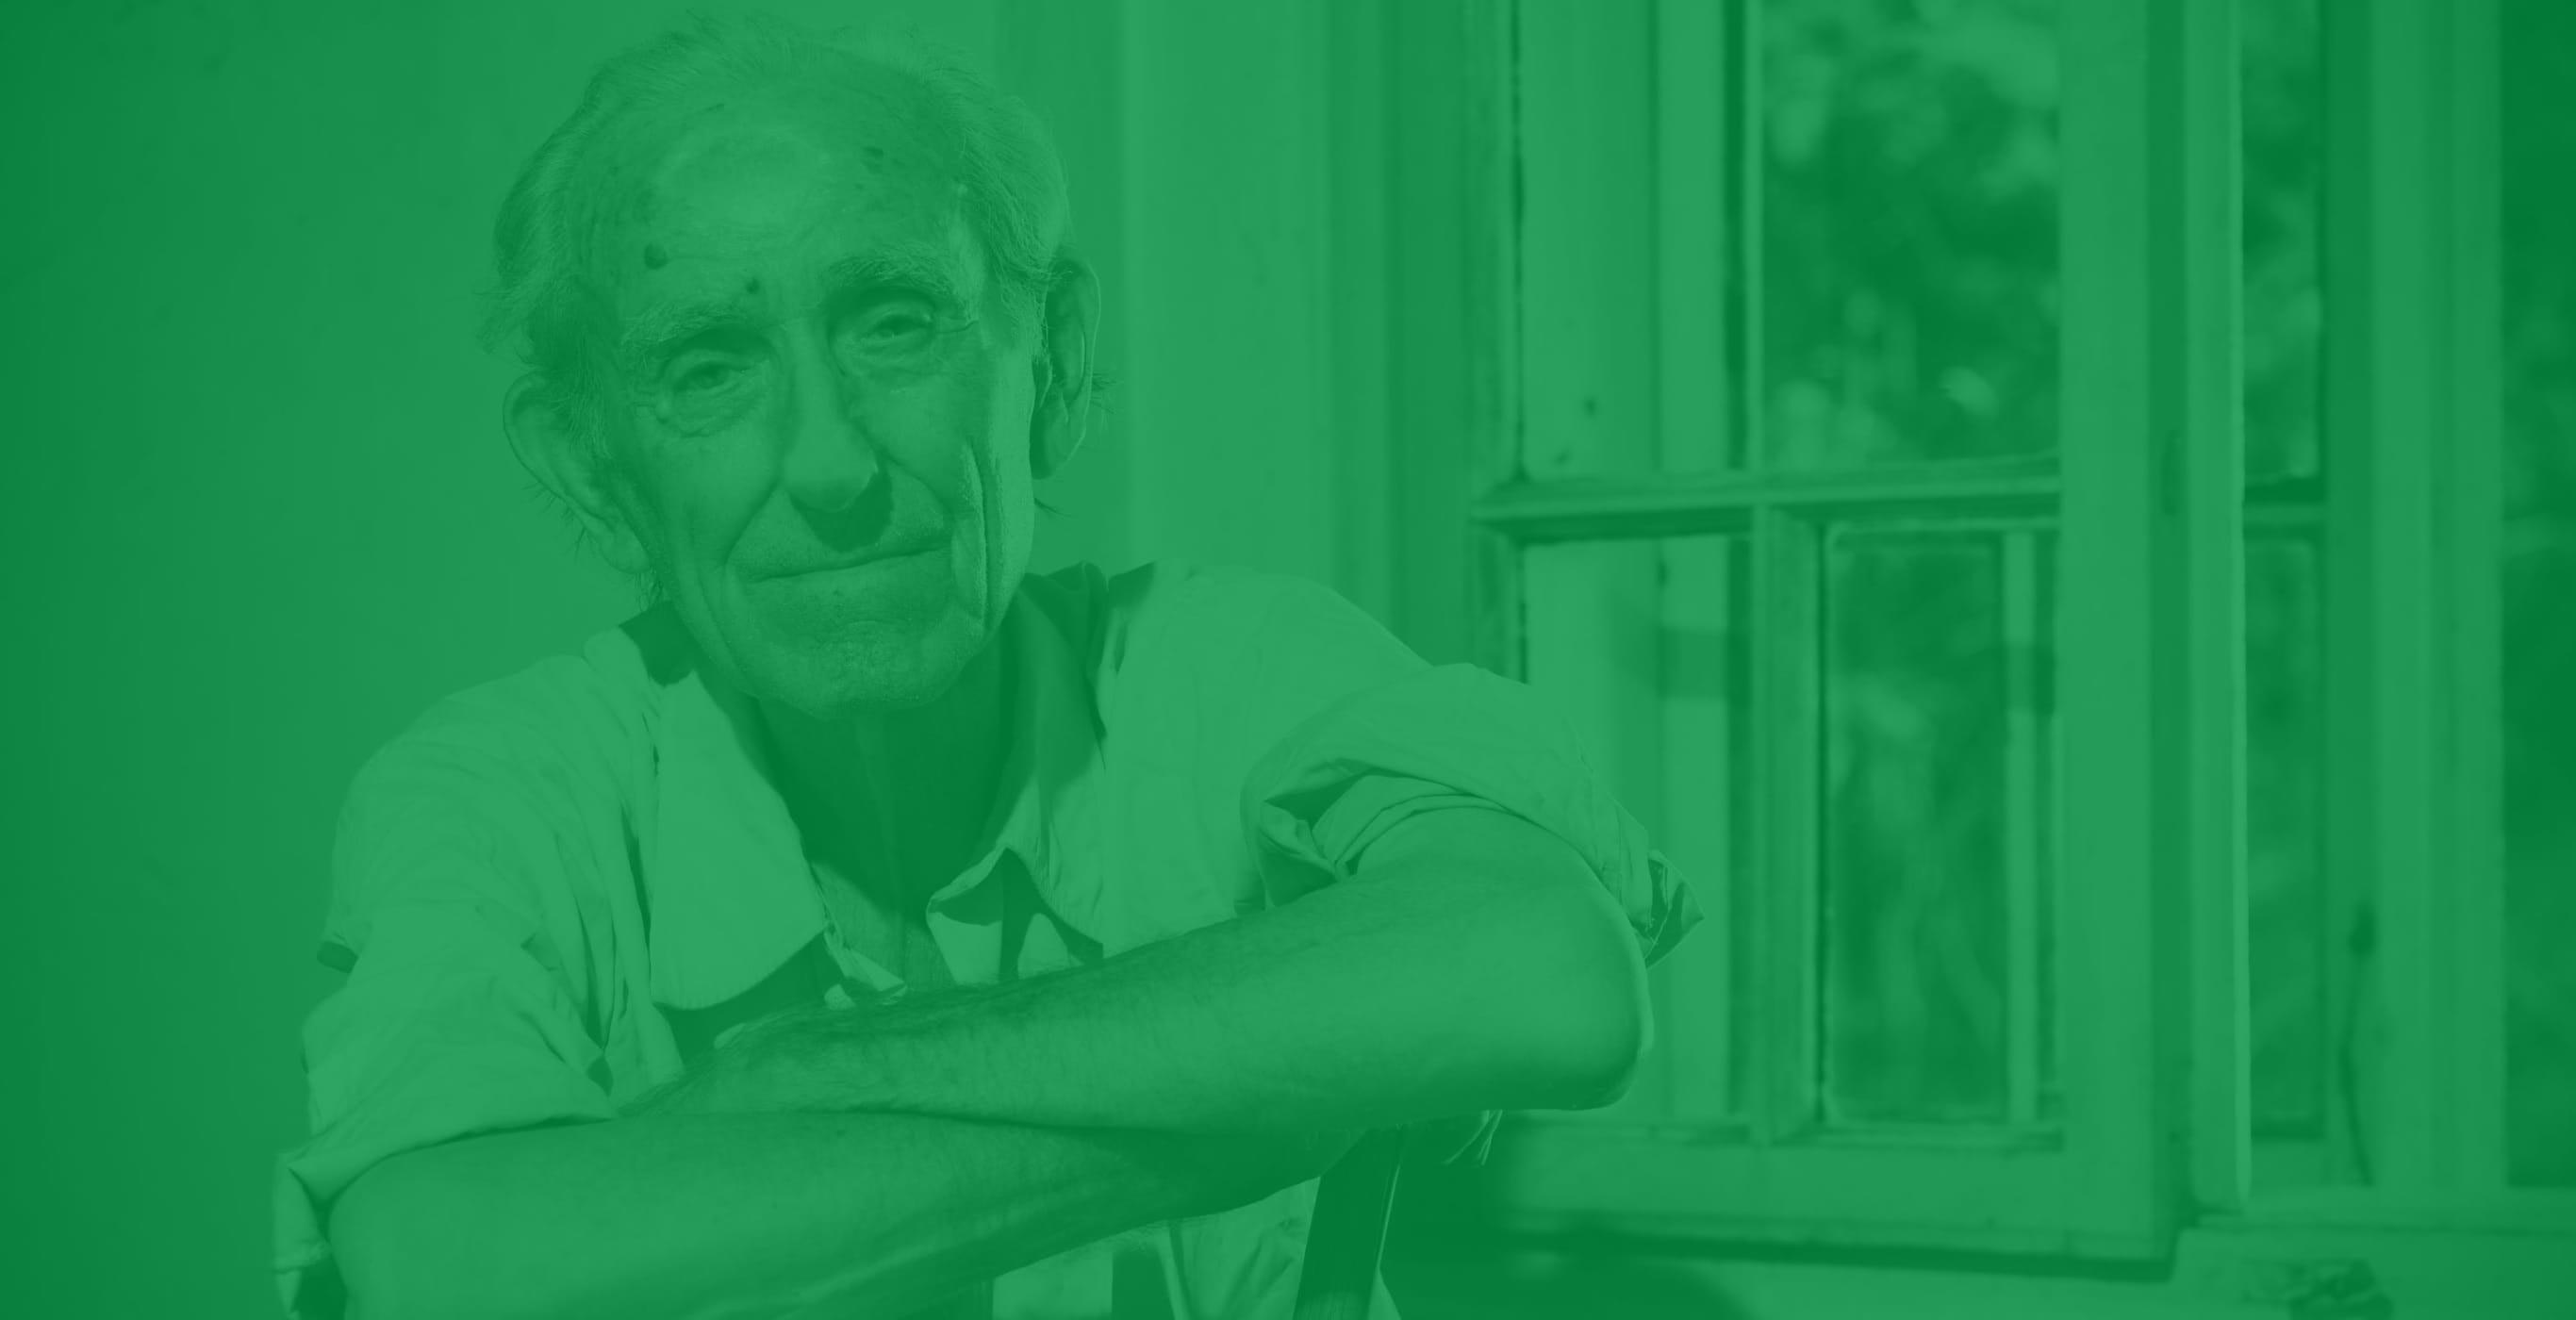 Älterer Mann auf einem Stuhl sitzend lächelt in die Kamera, Motiv eines Website-Launches der Healthcare Werbeagentur mcs